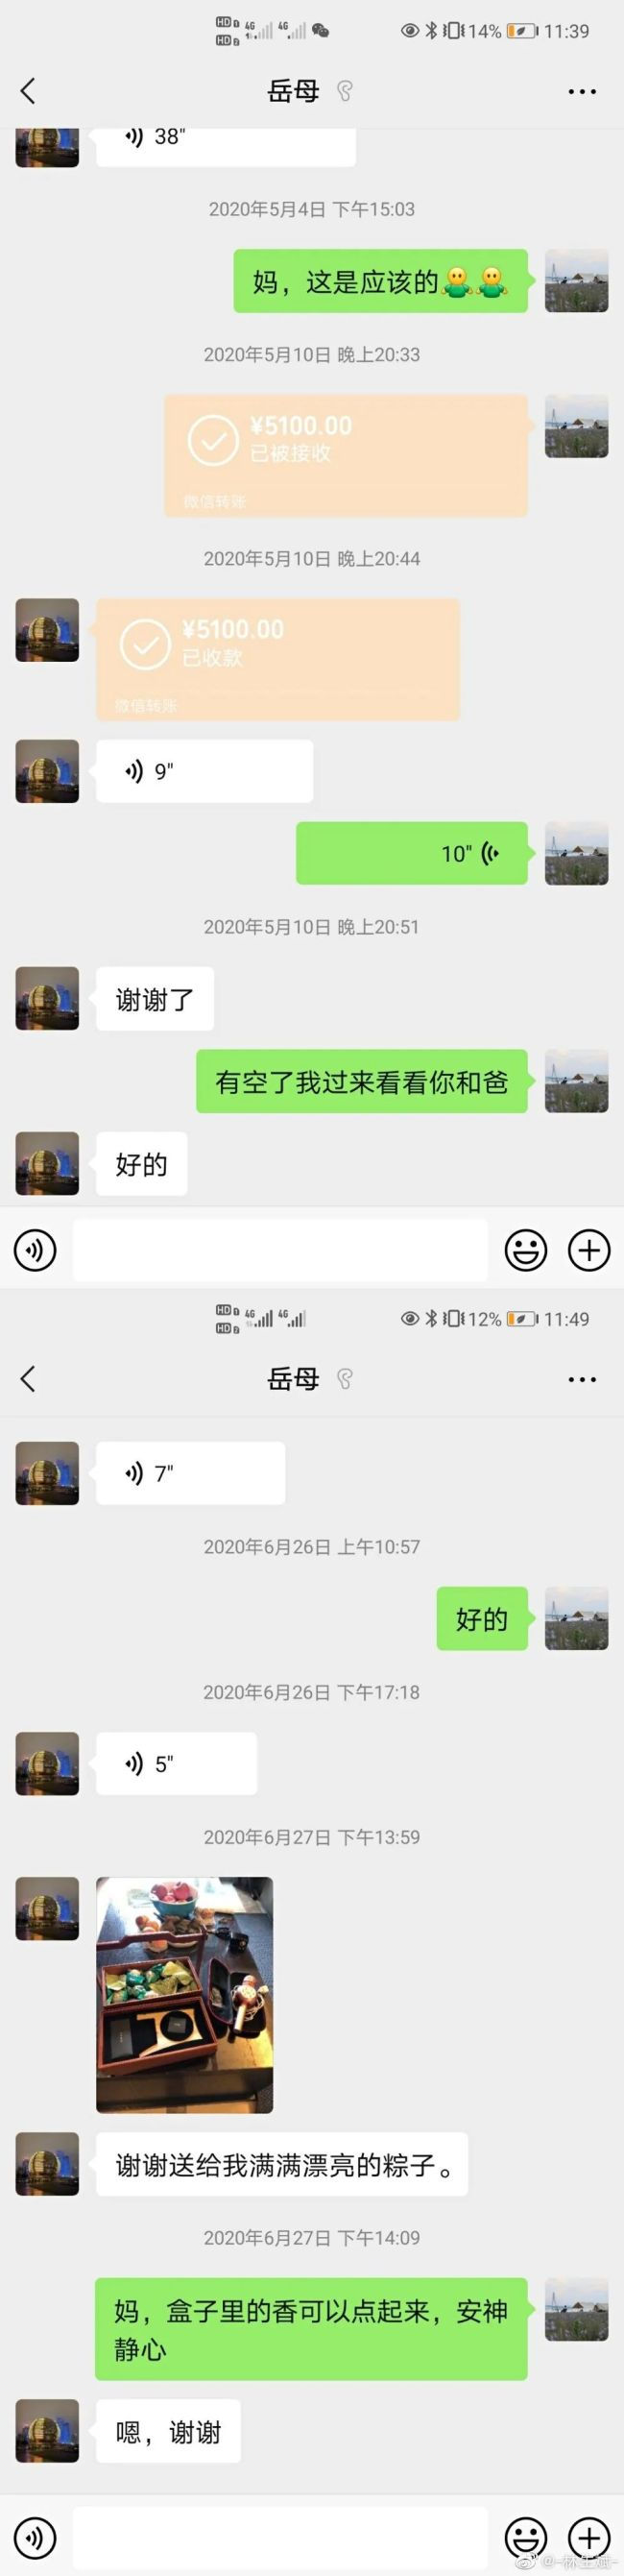 林生斌VS前大舅子(第二回合) 网友:我还能相信什么